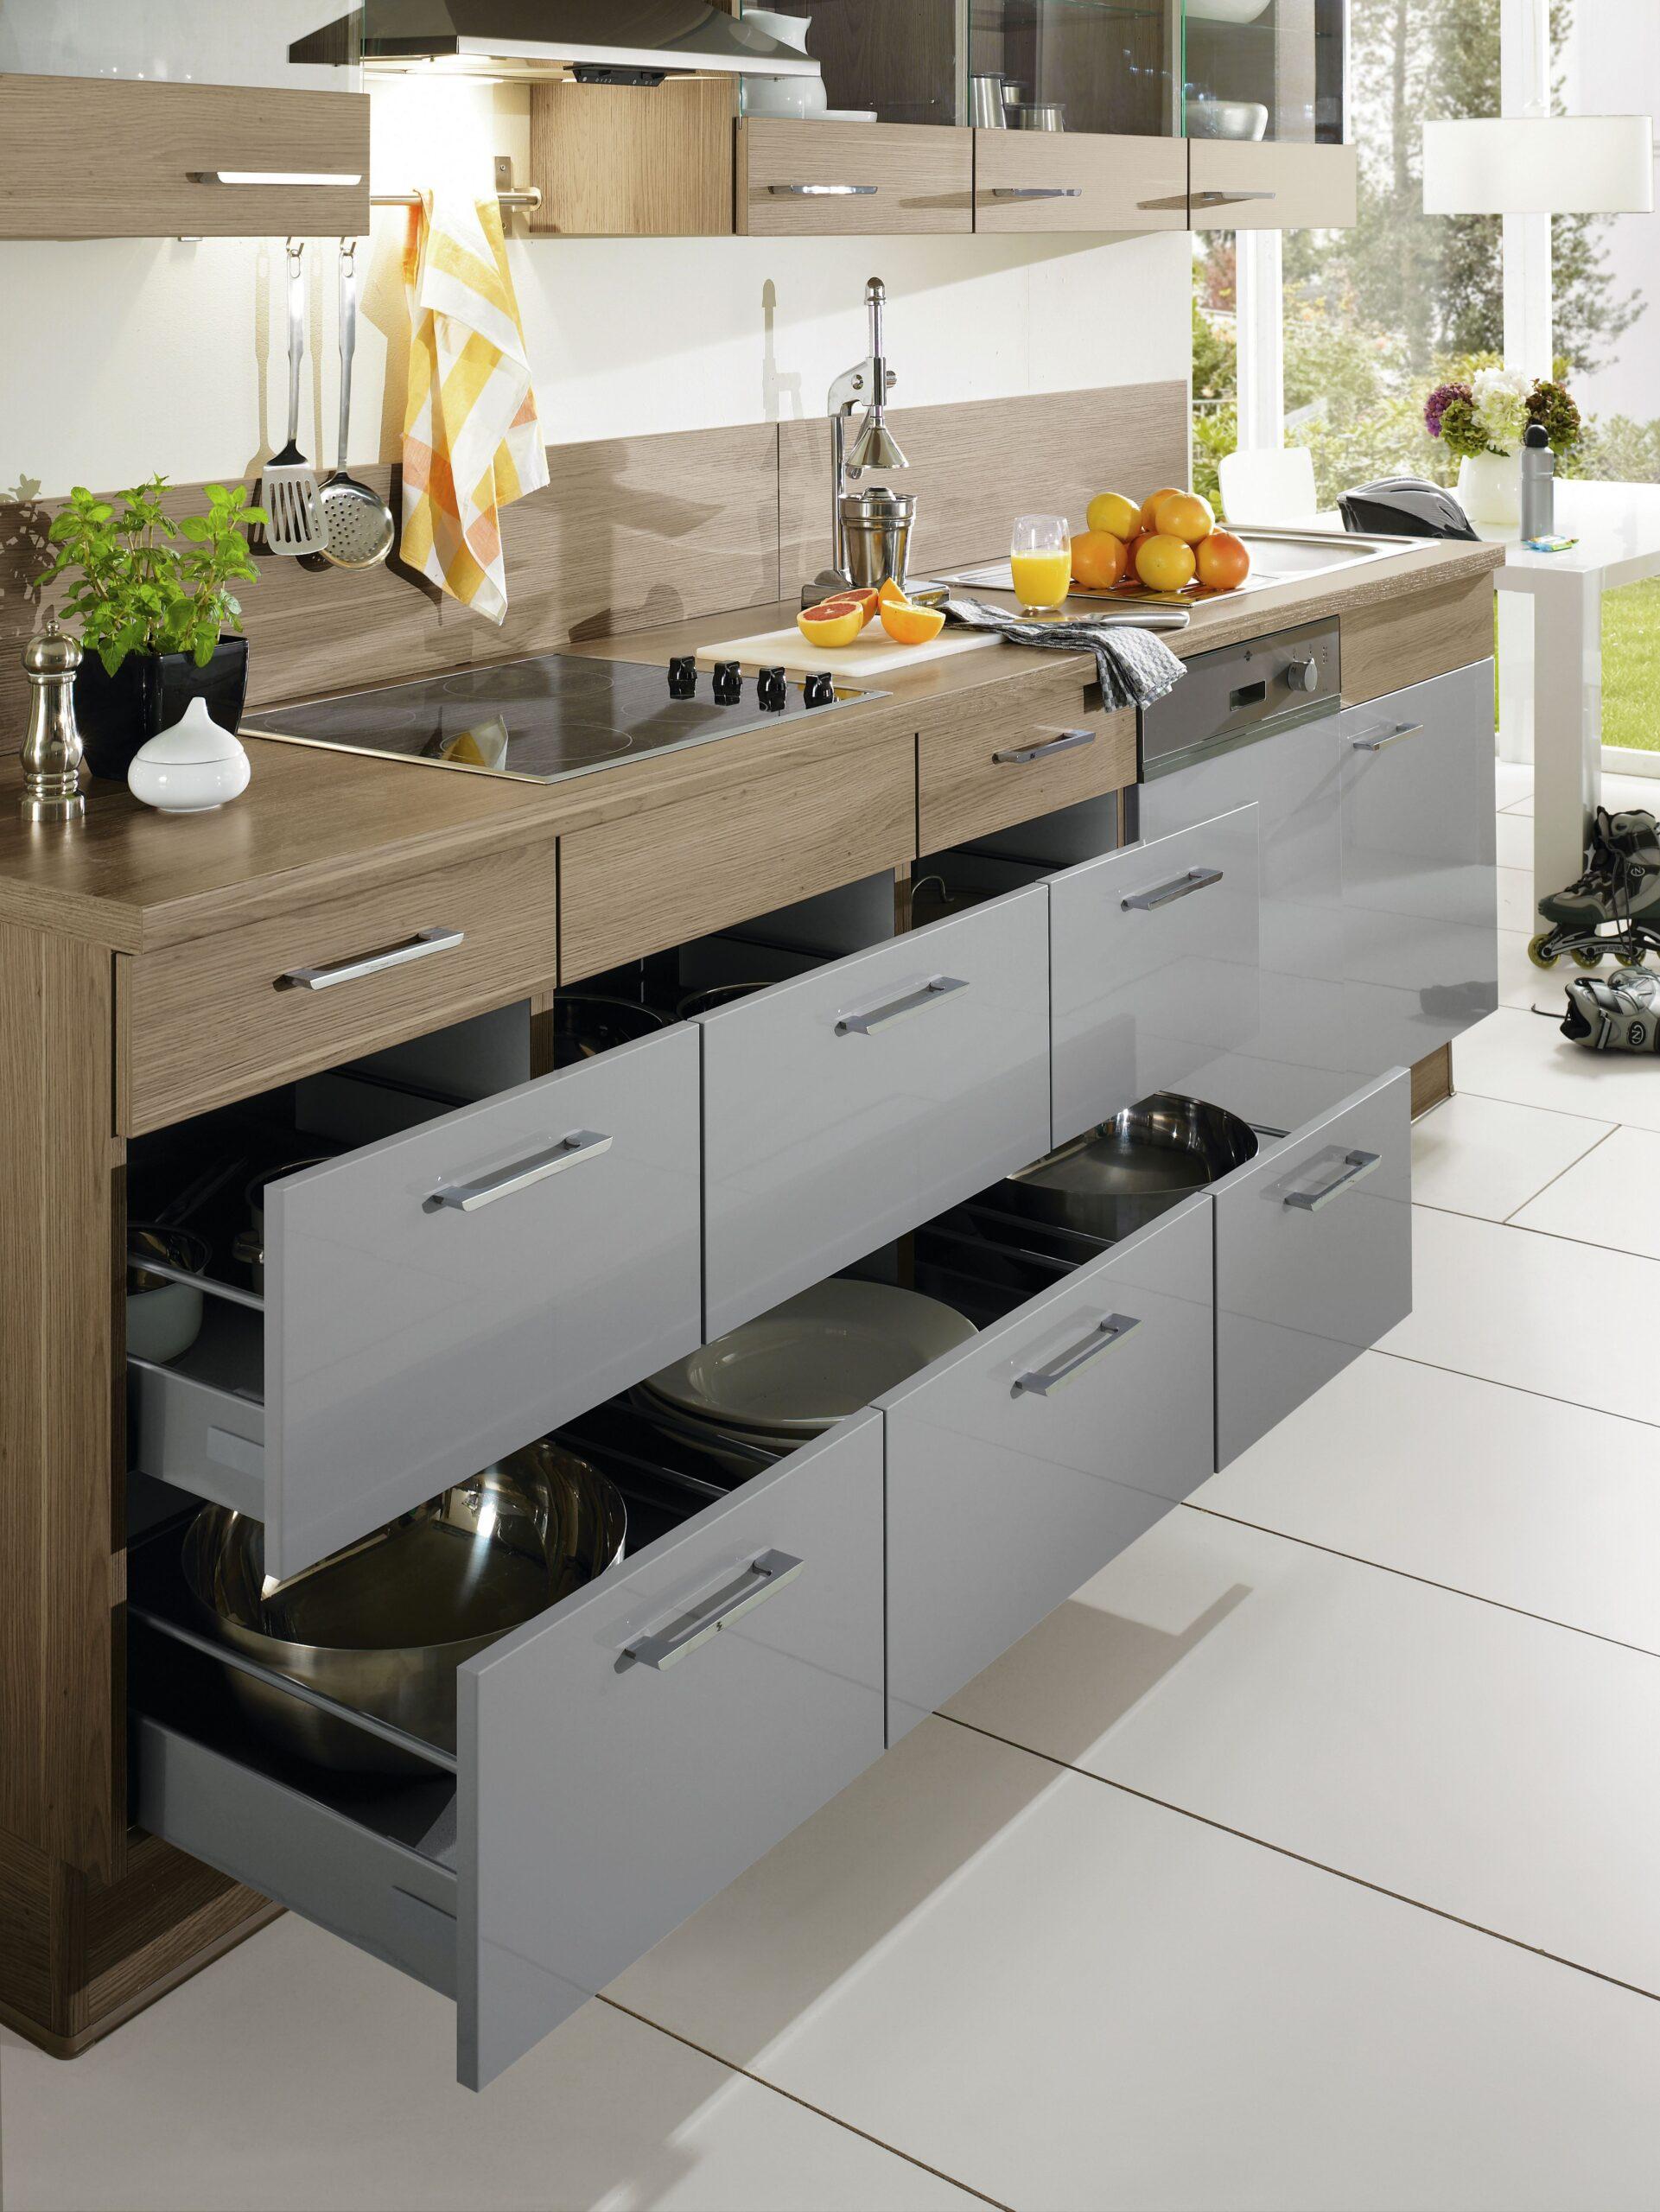 Full Size of Möbelix Küchen Stauraumplanung In Der Kche Ideen Fr Mehr Platz Mbelix Regal Wohnzimmer Möbelix Küchen